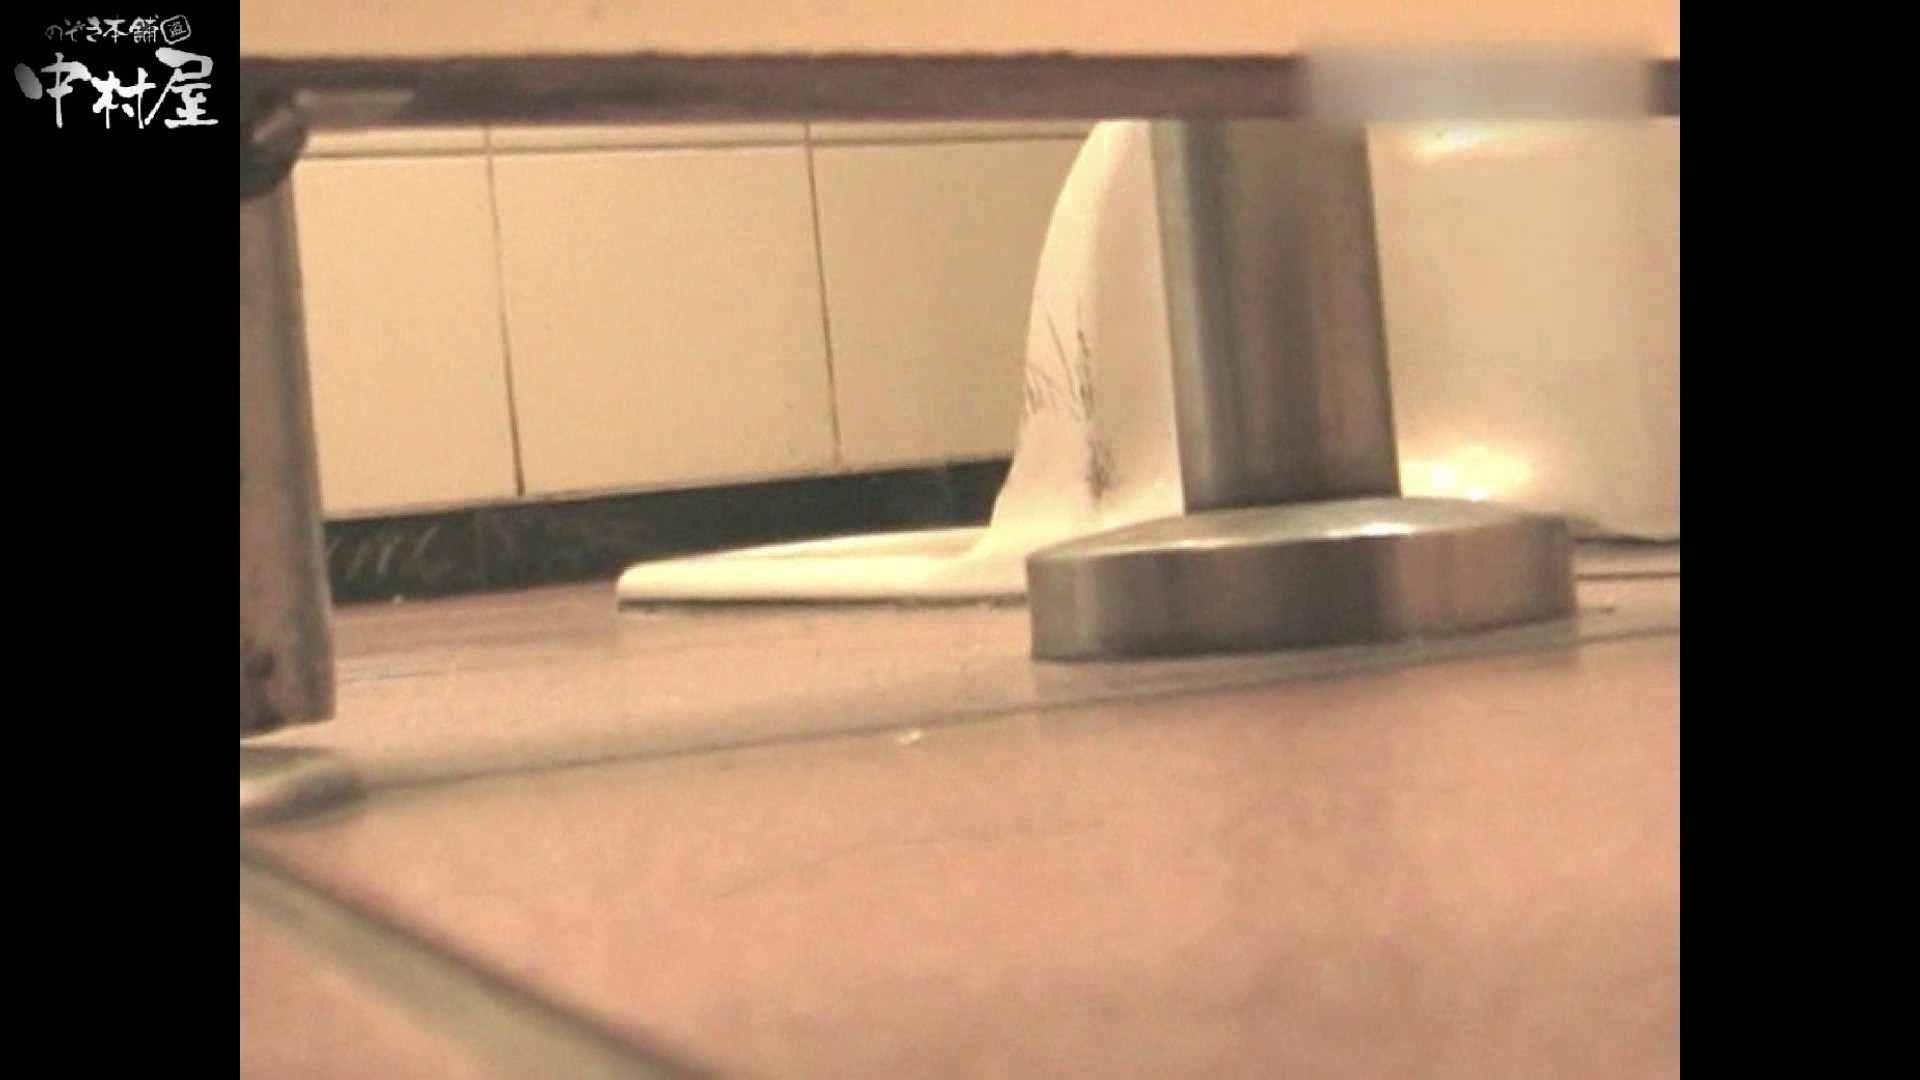 岩手県在住盗撮師盗撮記録vol.08 モロだしオマンコ おめこ無修正動画無料 79pic 25